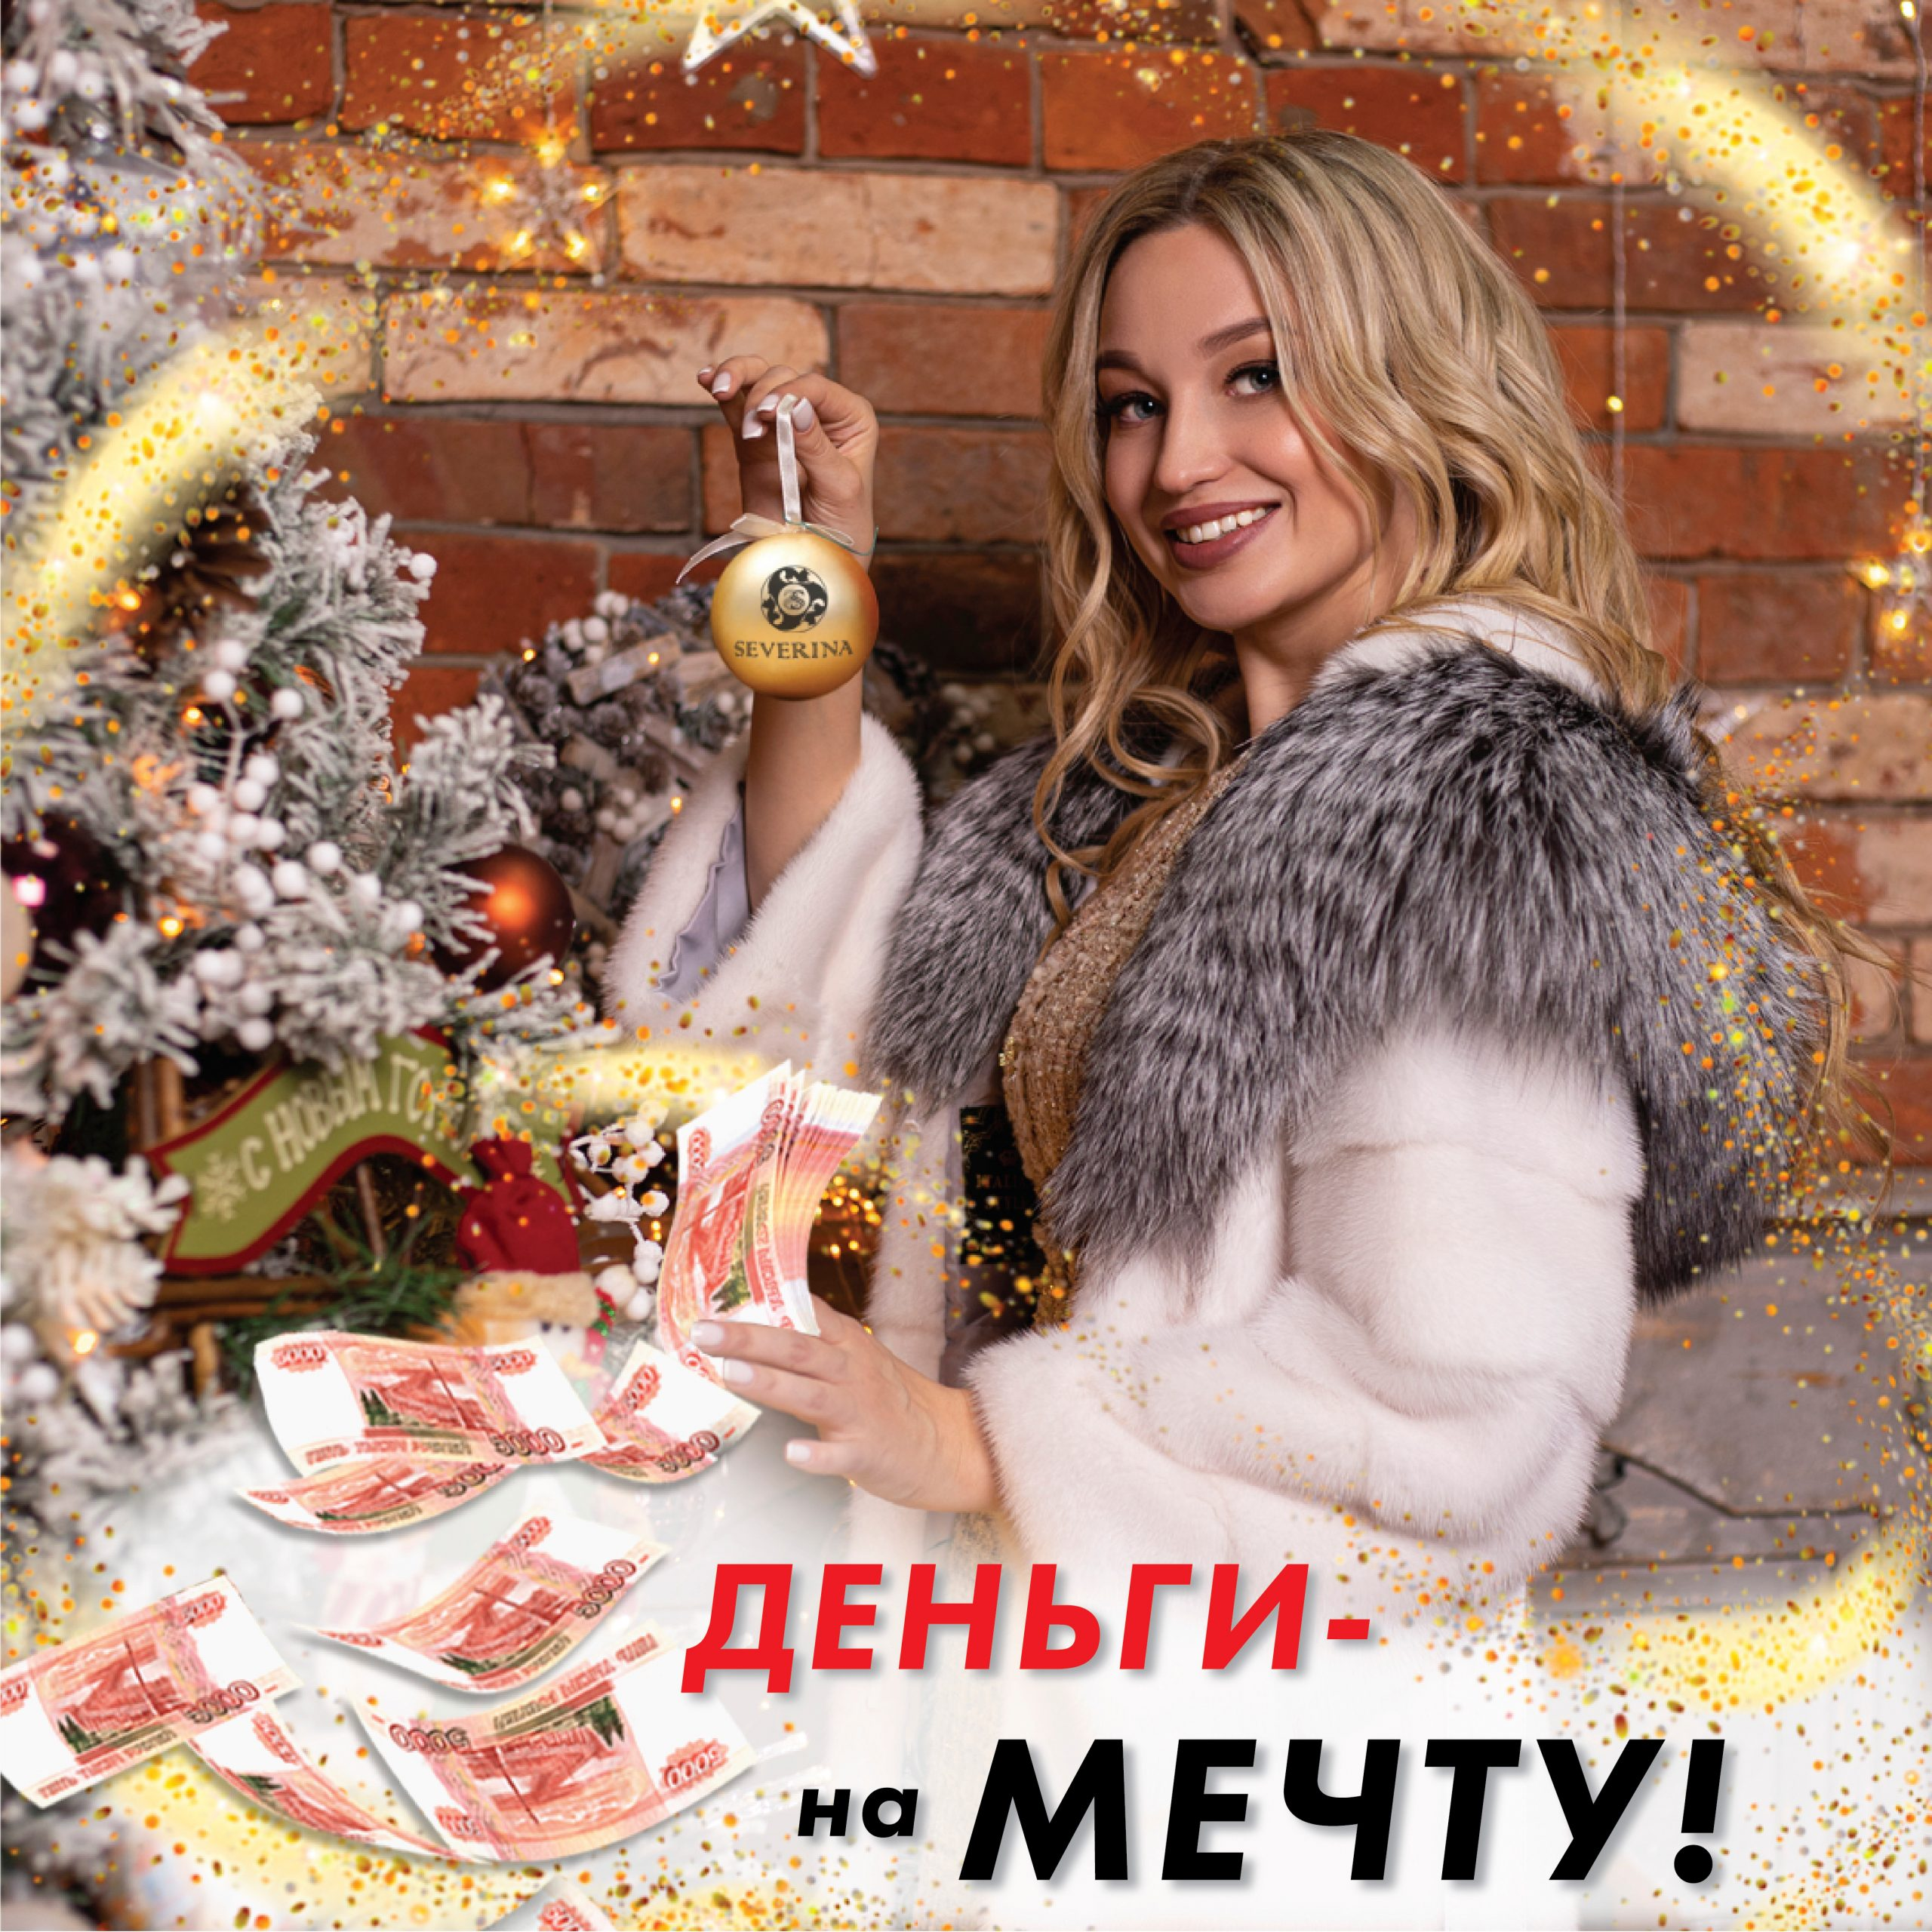 novogodnij rozygrysh scaled - Новогодняя Акция «ДЕНЬГИ на МЕЧТУ!»